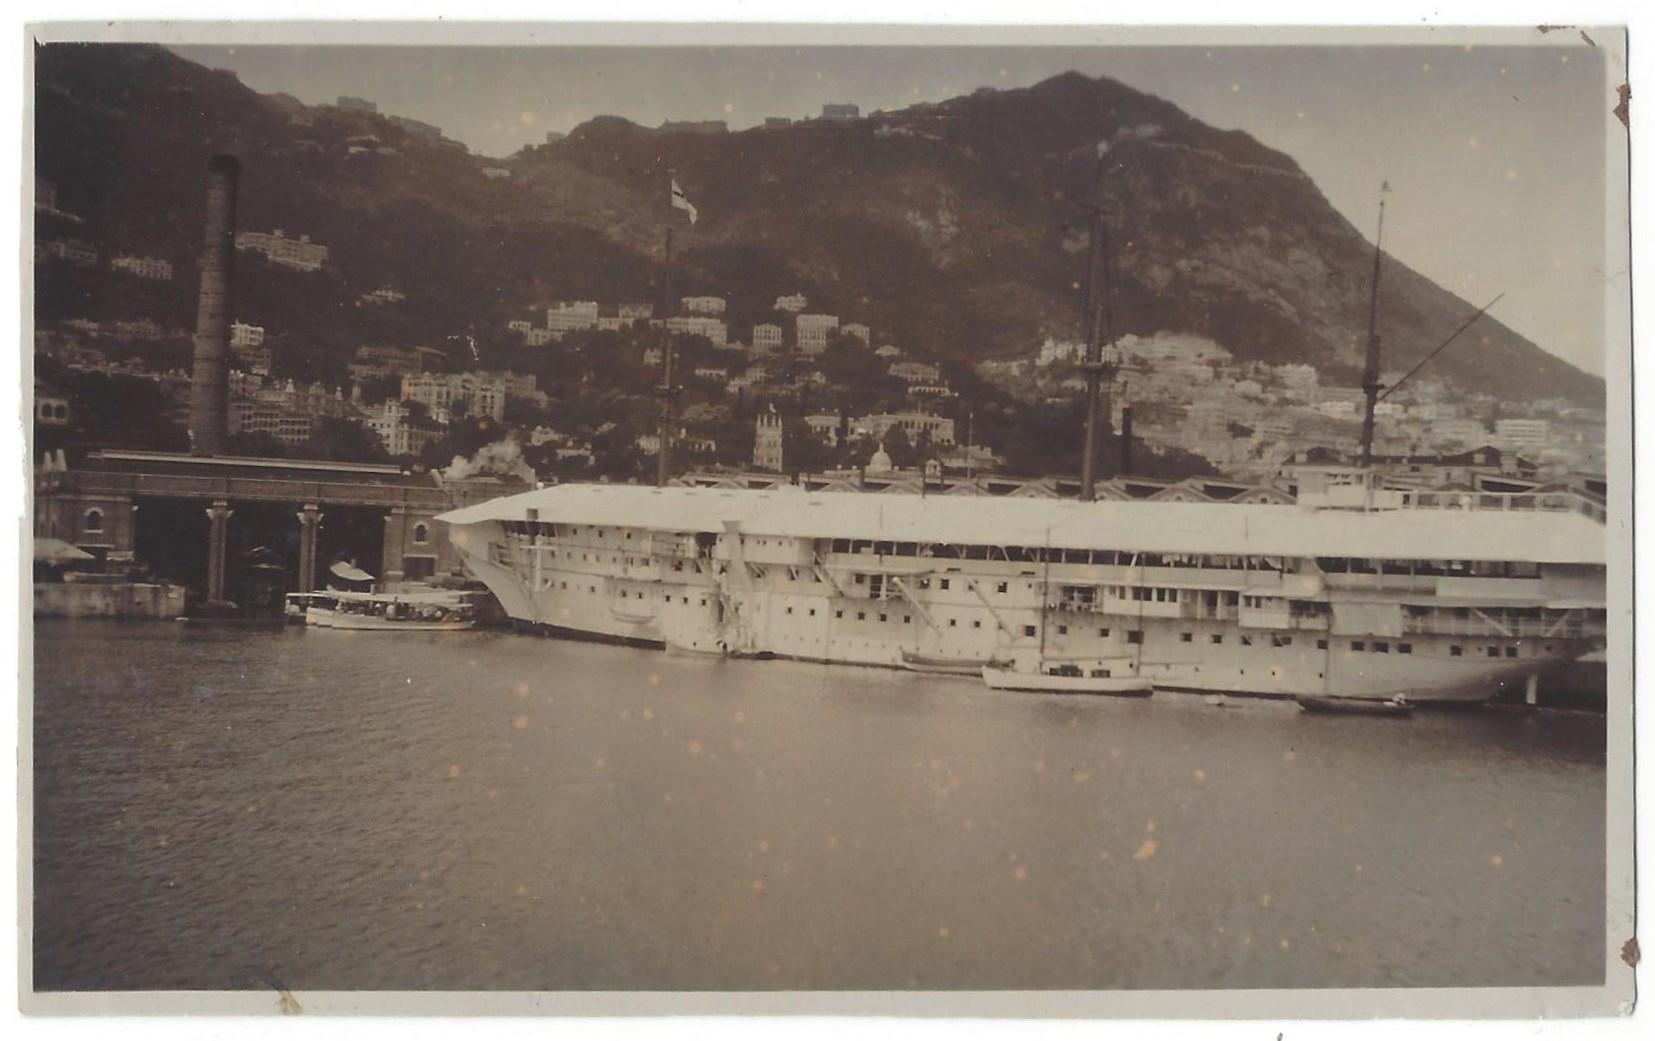 HMS Tamar in Hong Kong's Victoria Harbor.